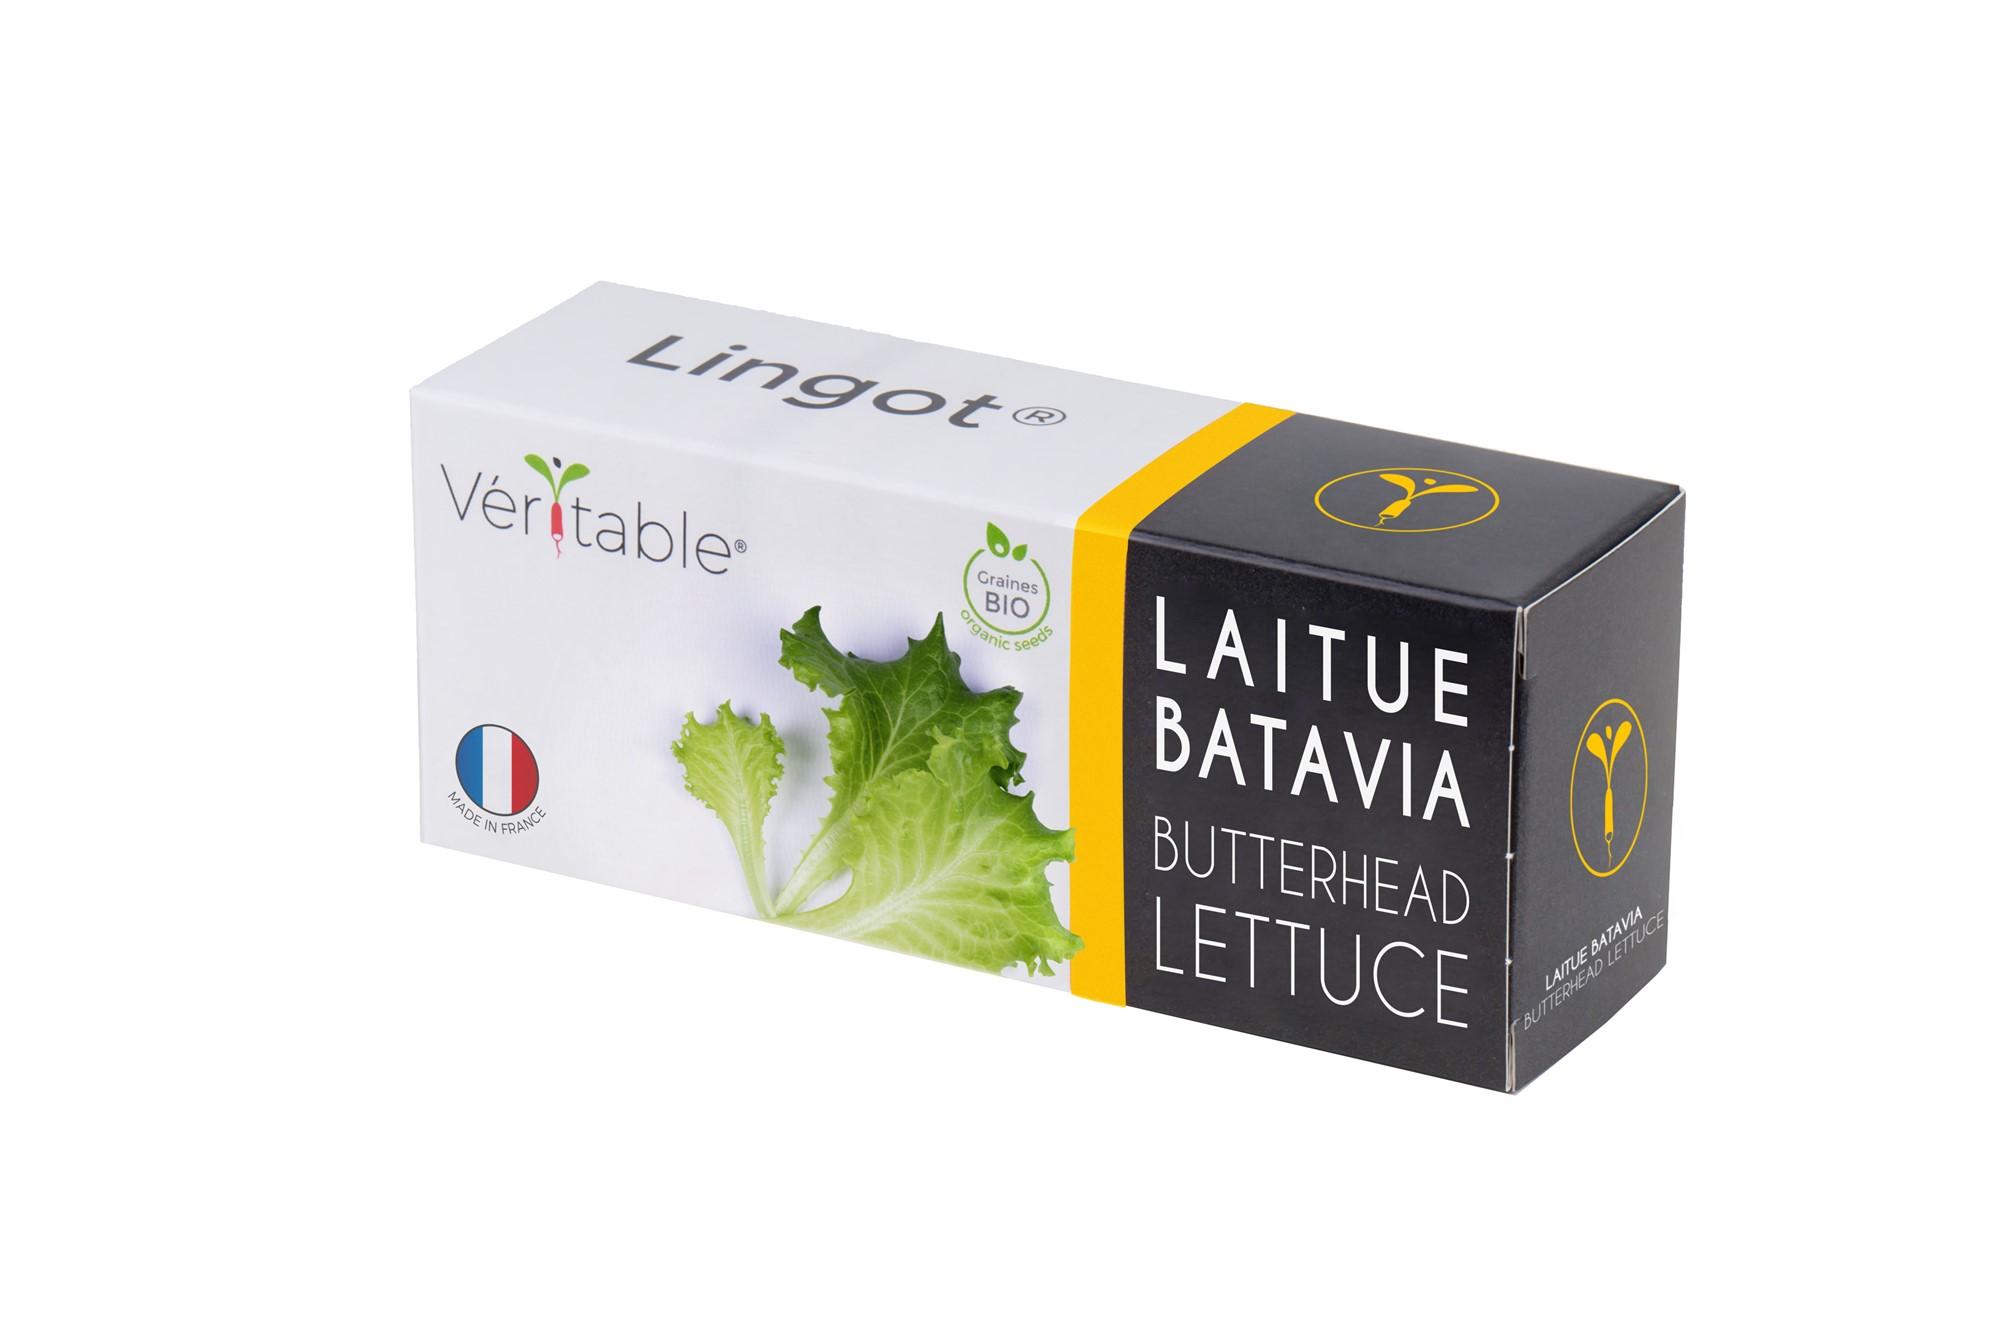 Lingot® Laitue Batavia BIO compatible potager Véritable® et Exky®